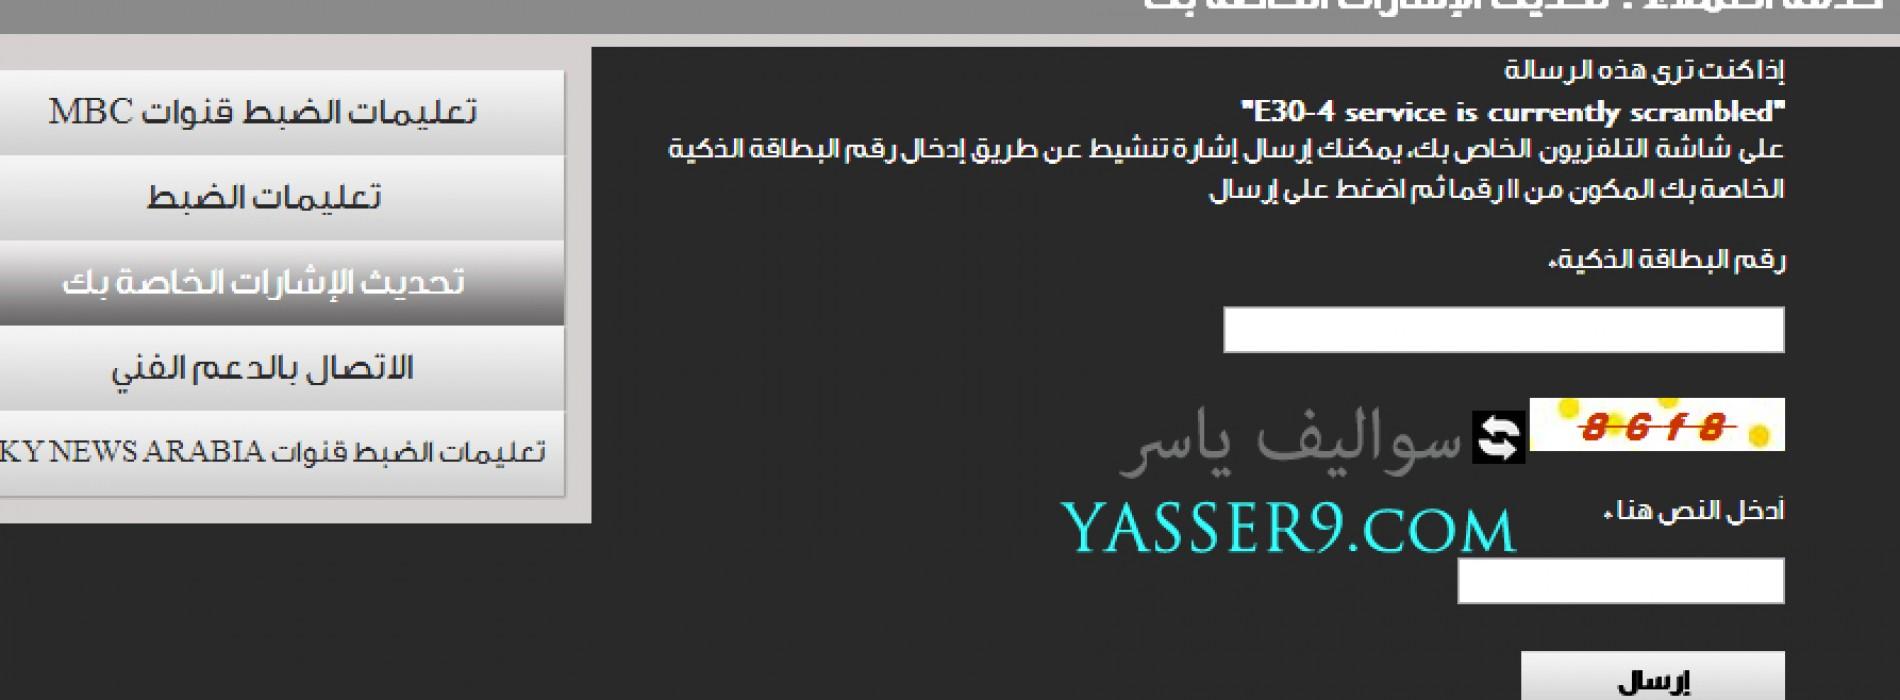 شرح – تحديث اشاره قنوات ابوظبي الرياضية بدون الاتصال بخدمة العملاء